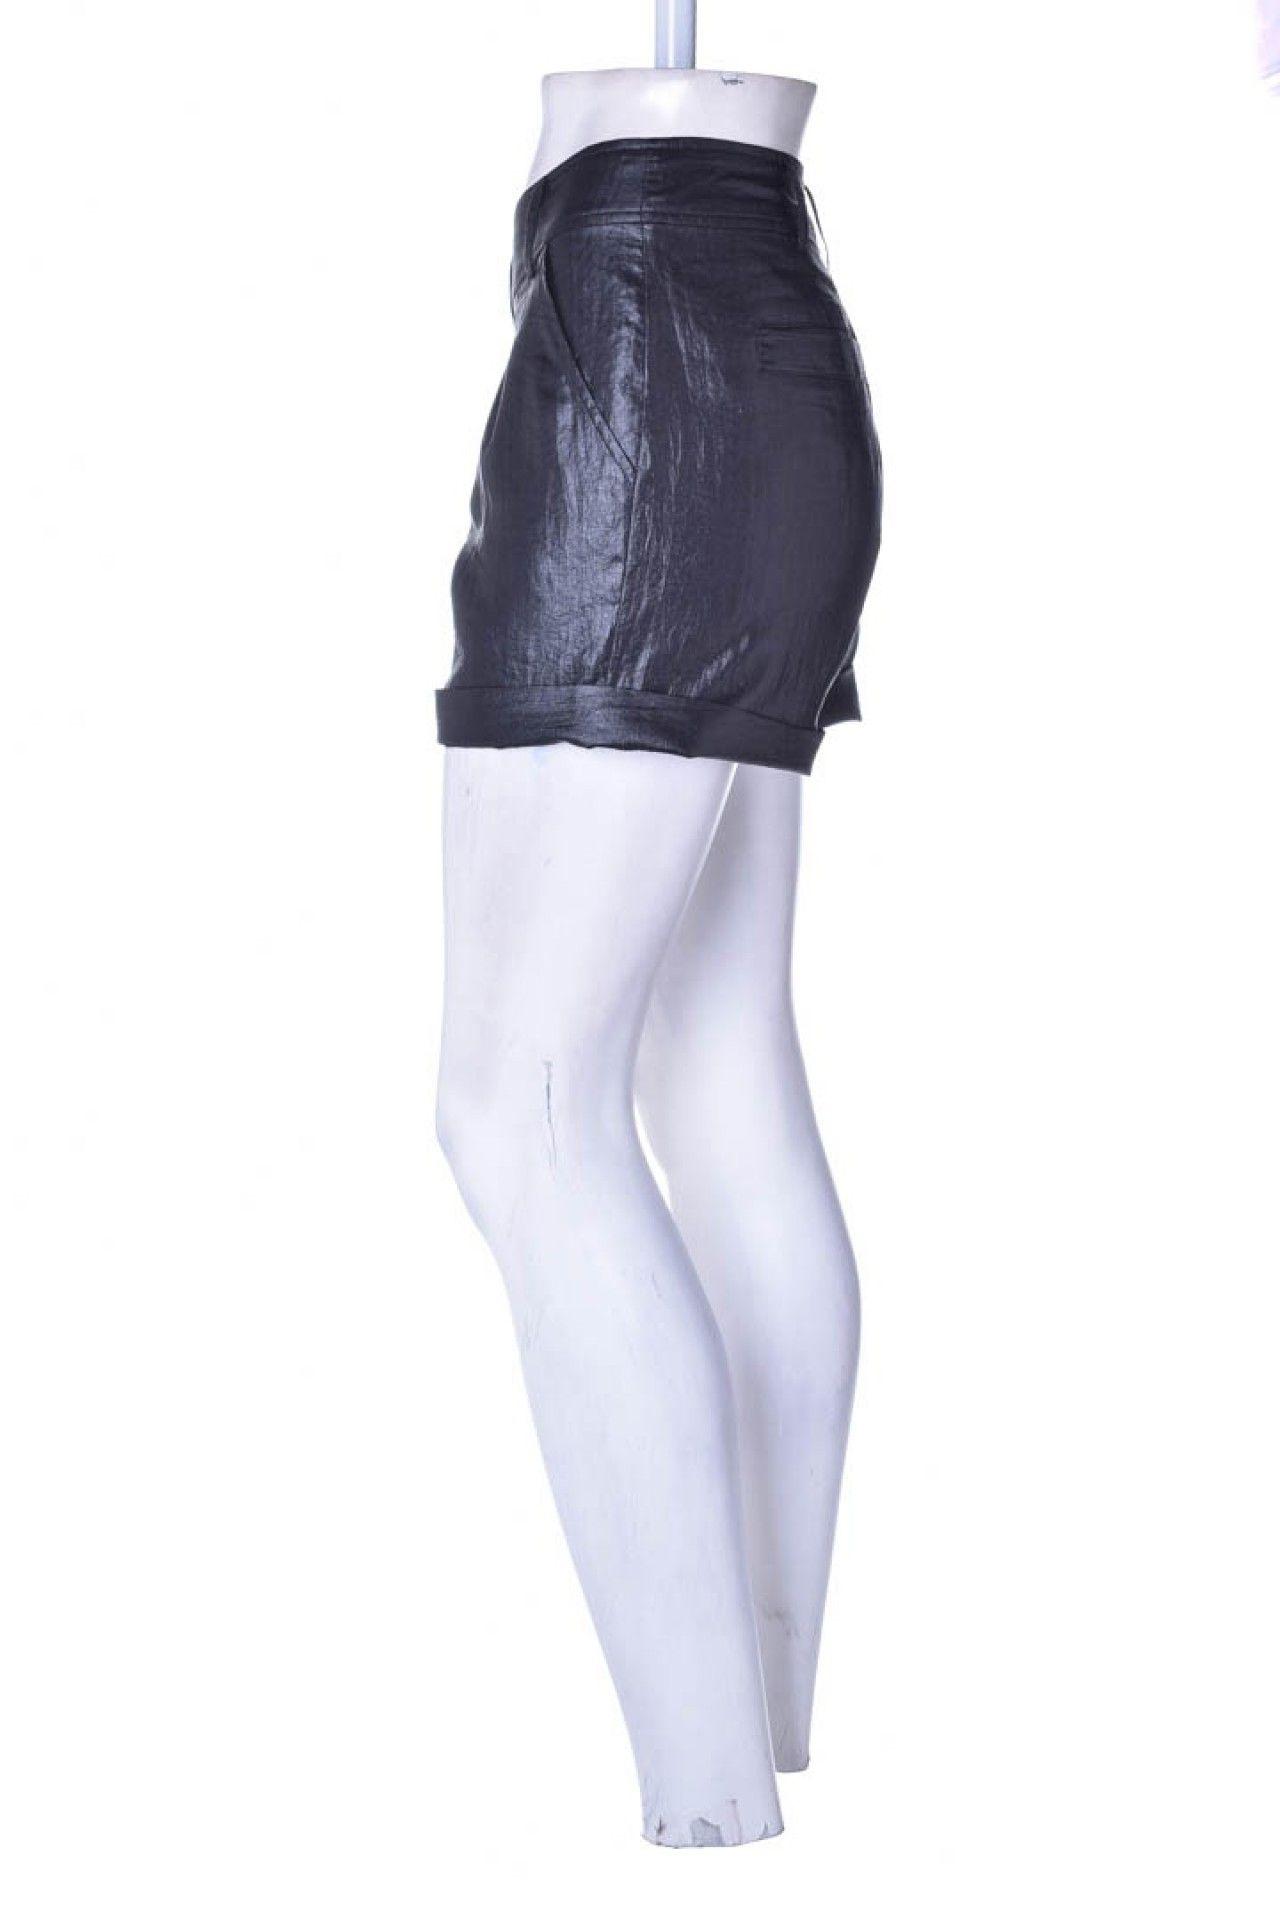 Armani Exchange - Shorts Alfaitaria Preto  - Foto 2